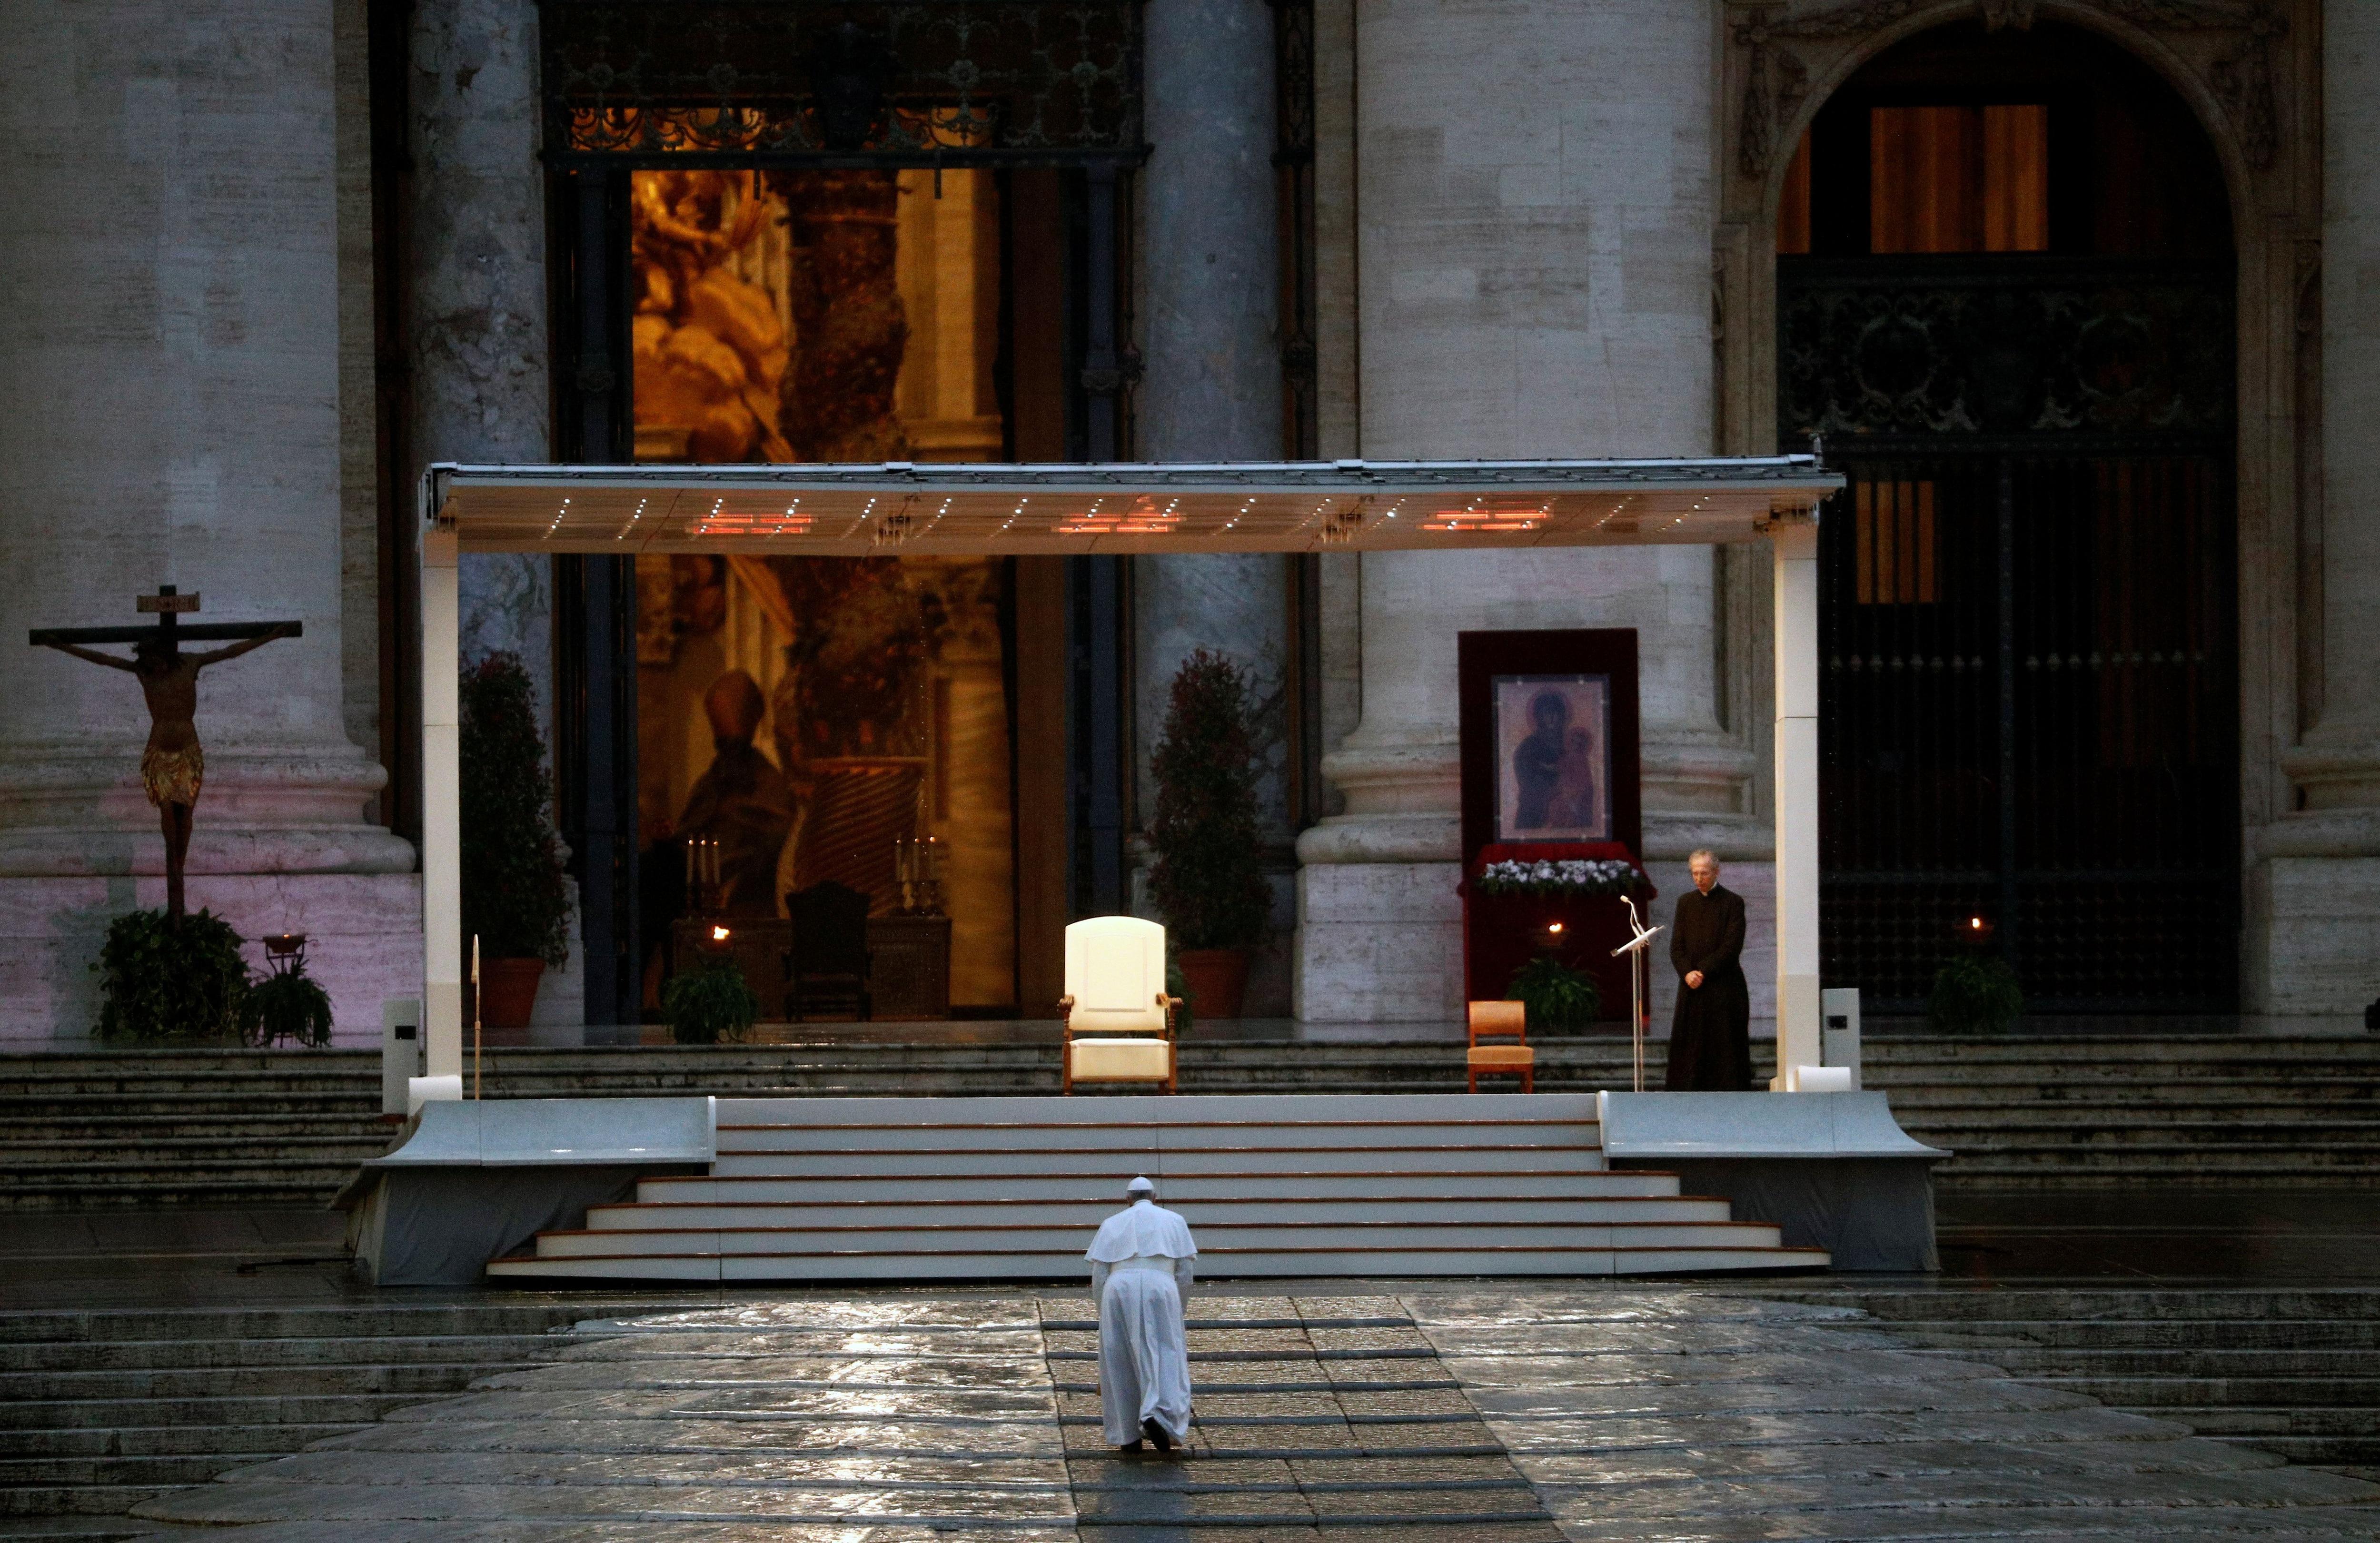 """El Papa Francisco llega a la Plaza de San Pedro para entregar una extraordinaria bendición """"Urbi et Orbi"""" (a la ciudad y al mundo), normalmente dada solo en Navidad y Pascua, como respuesta a la pandemia mundial de la enfermedad por coronavirus (COVID-19) , en el Vaticano, 27 de marzo de 2020. REUTERS / Guglielmo Mangiapane"""